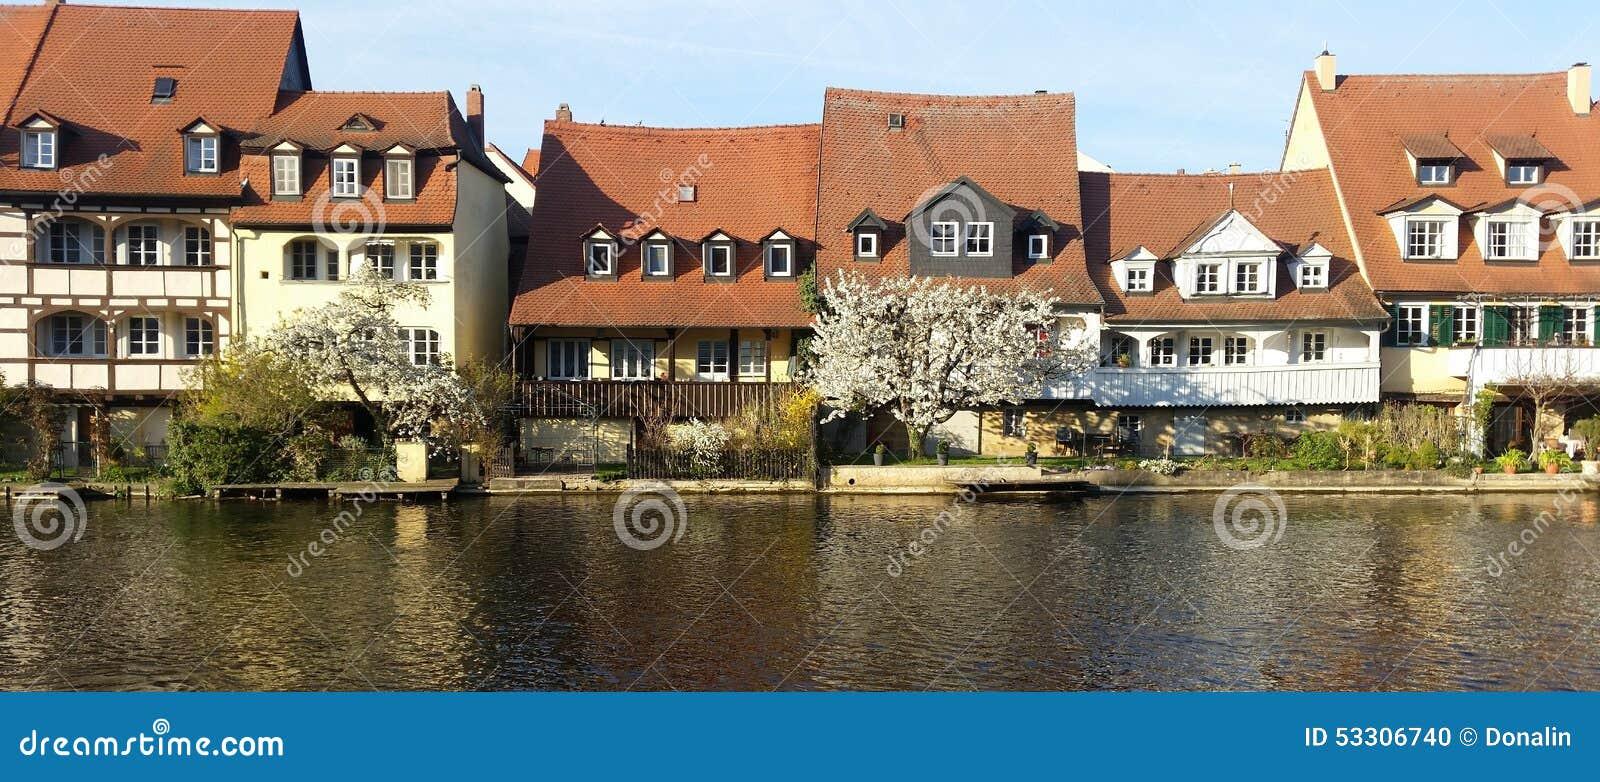 Bamberg arhitecture